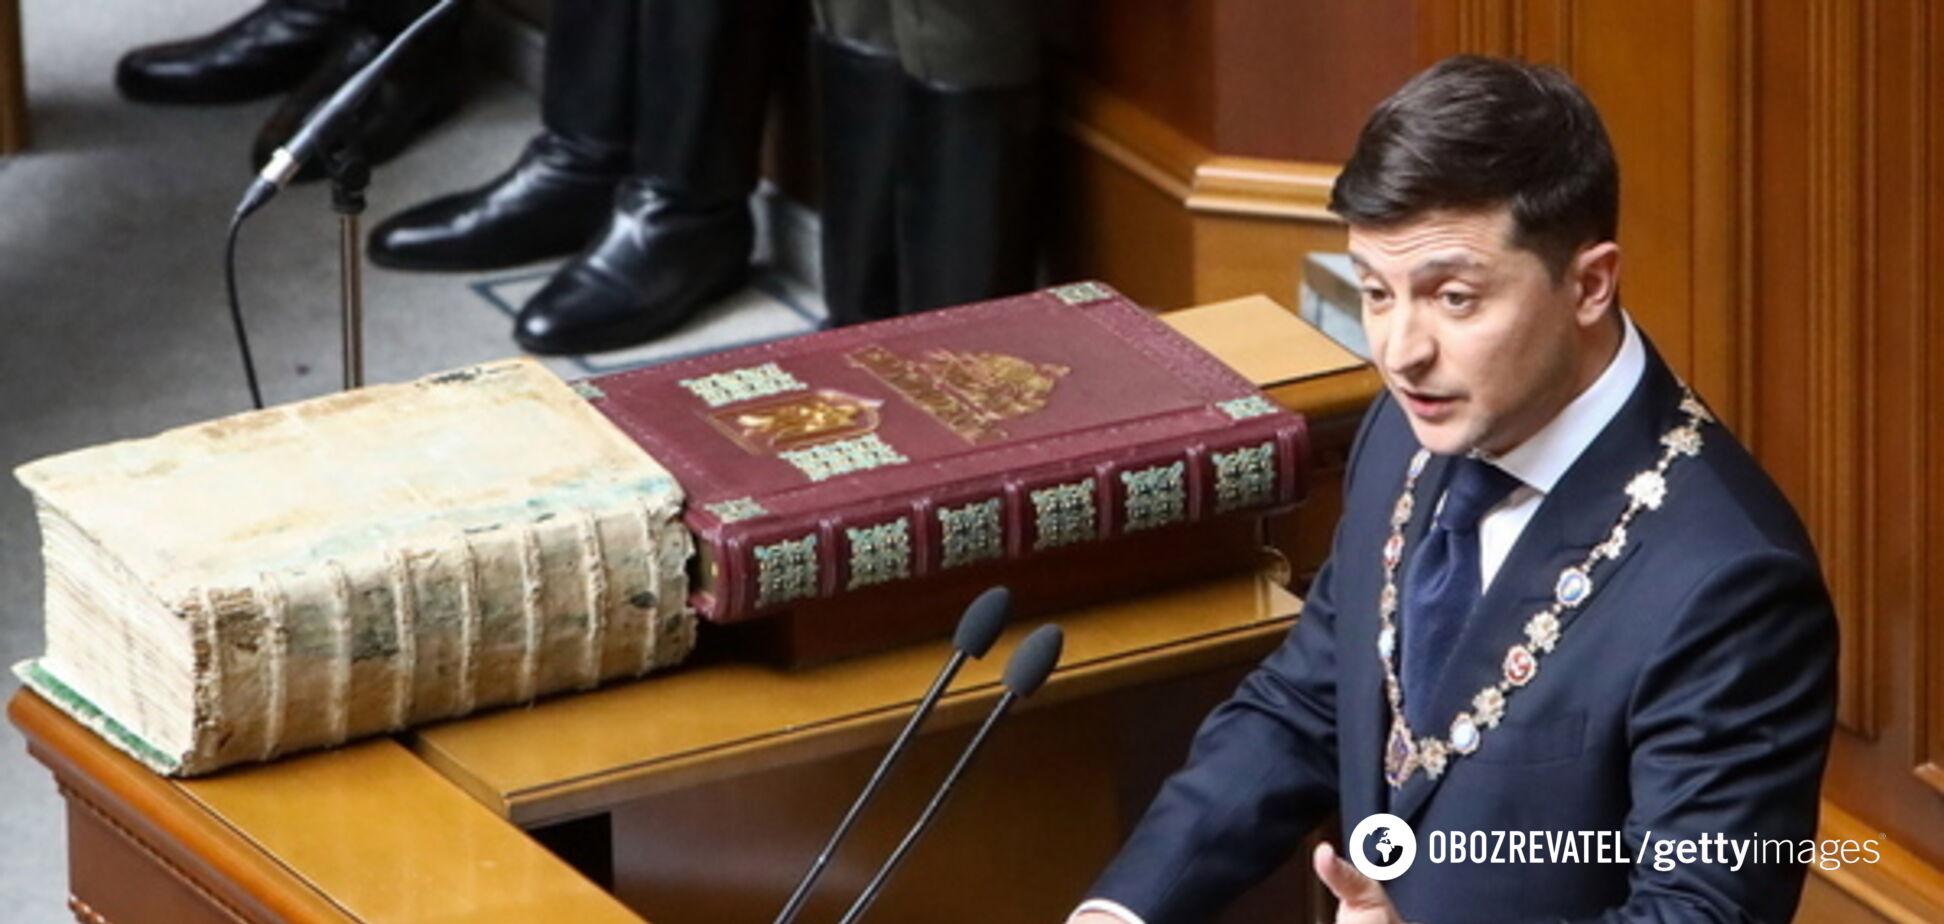 'Сподобається не всім': у Зеленського пролили світло на нового прем'єра України